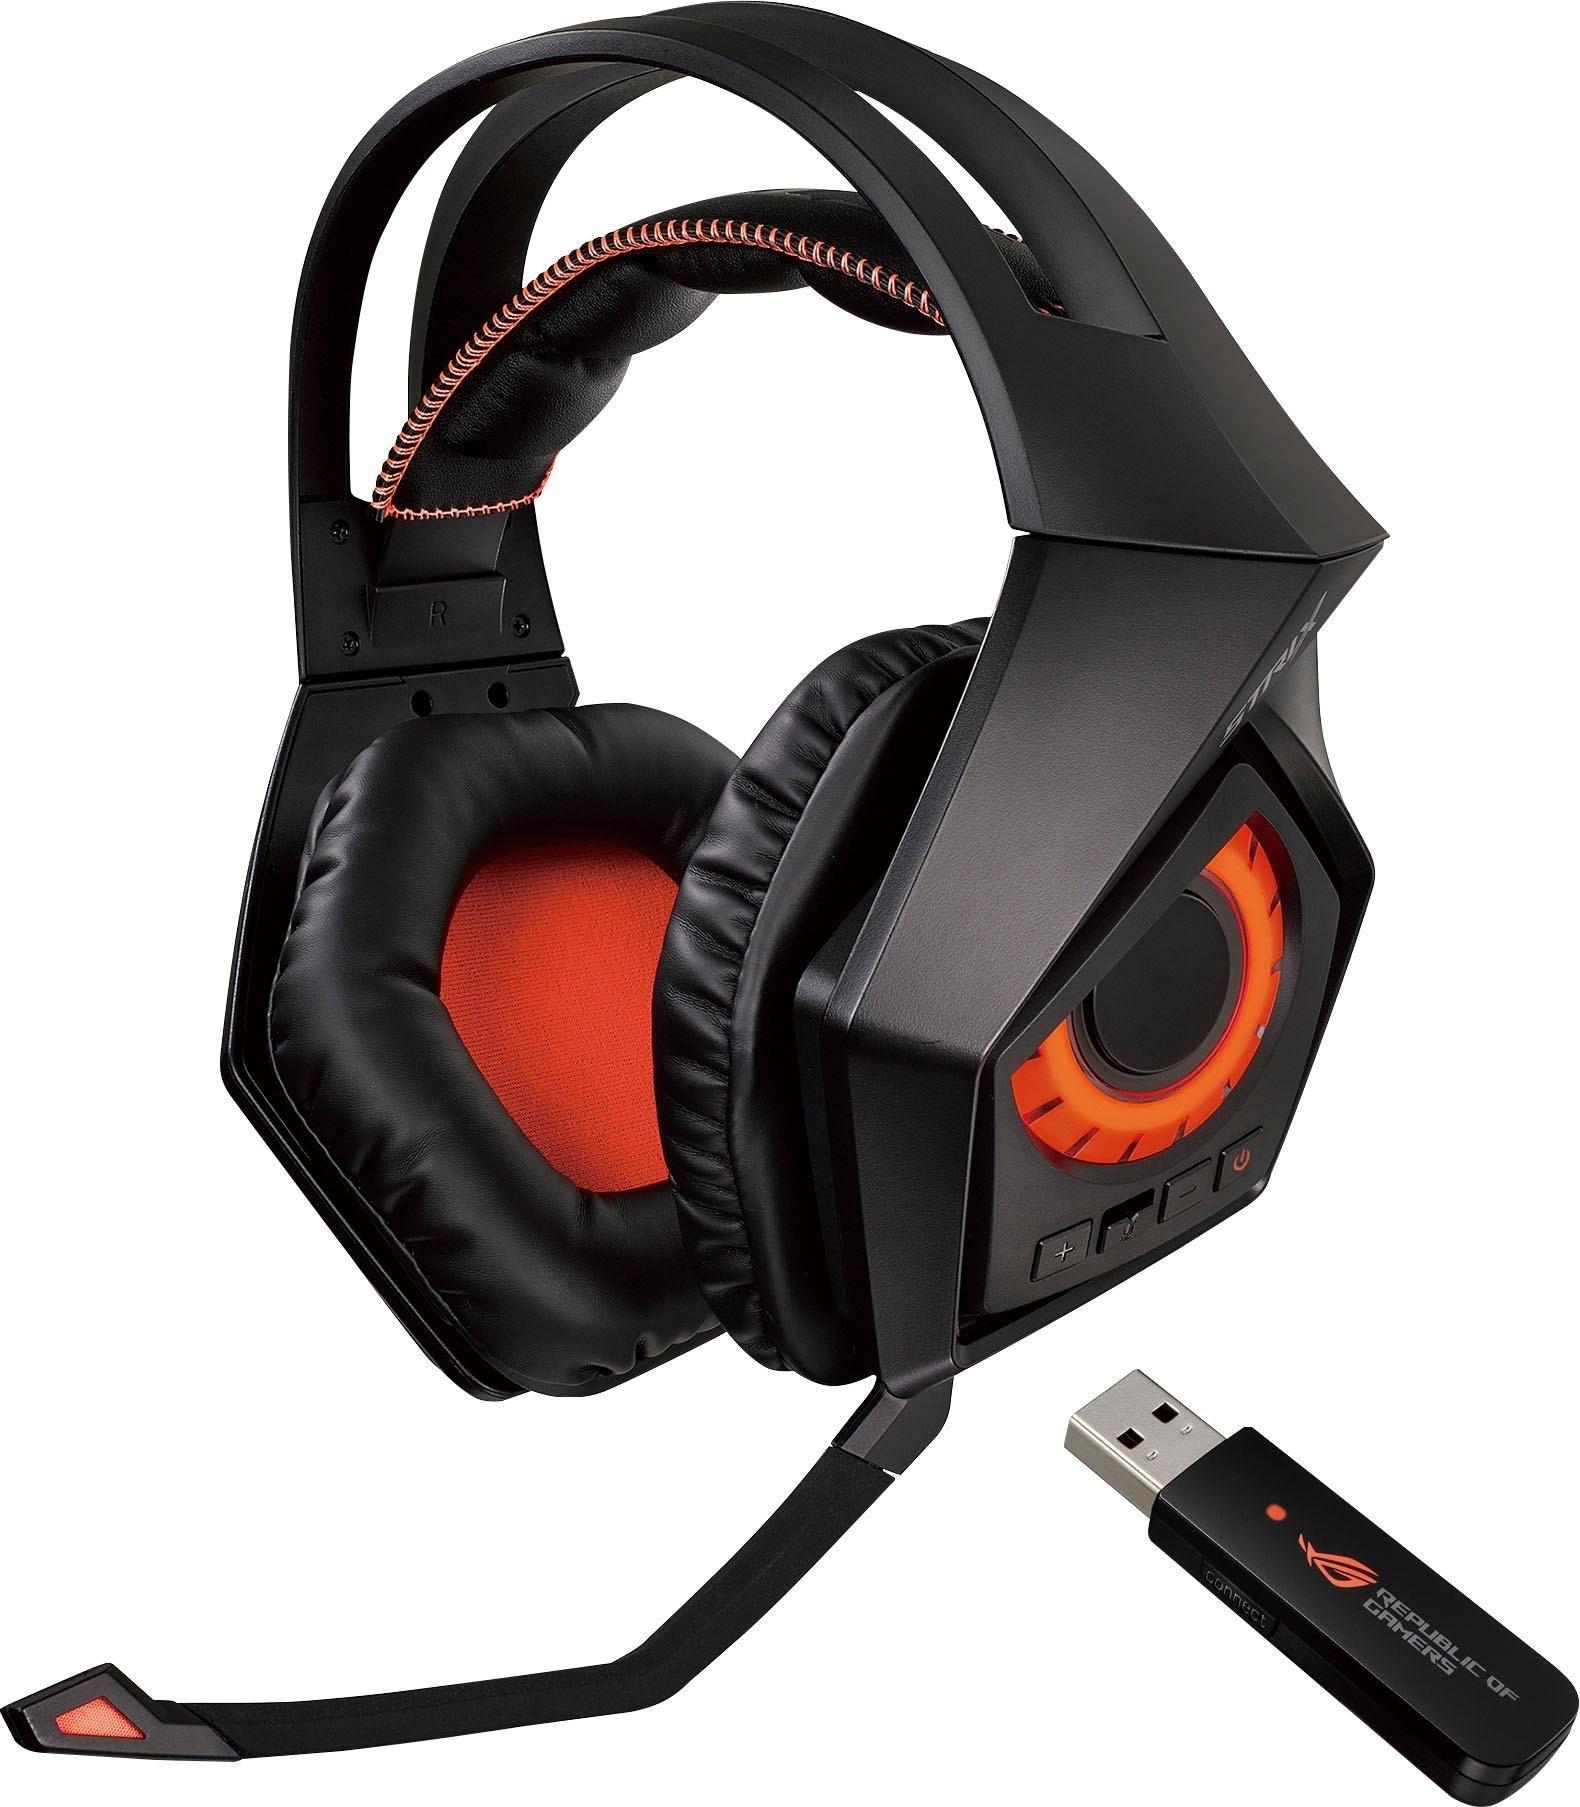 Asus »ROG Strix« Gaming-Headset (Bluetooth, Noise-Cancelling, microfoon aan de buitenkant) nu online bestellen